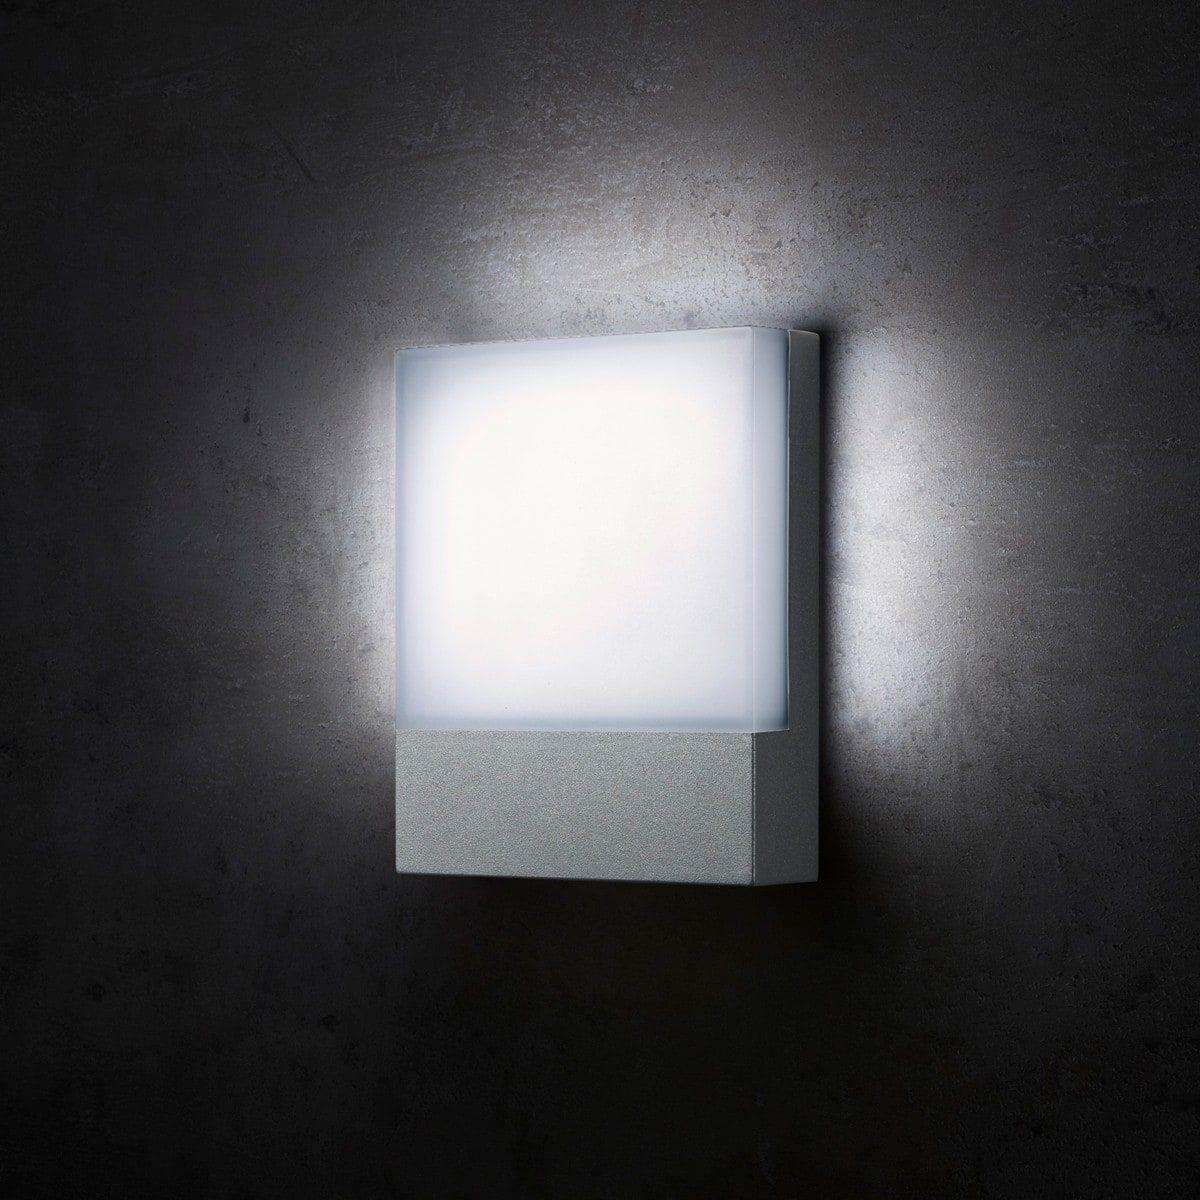 Lampe Bewegungsmelder Batterie Aussen Aussenleuchte Wandleuchte Mit Bewegungsmelder Und Schalter Fur Dauerlicht Strahler Led 100w In 2020 Leuchte Mit Bewegungsmelder Led Strahler Und Aussenwandleuchte